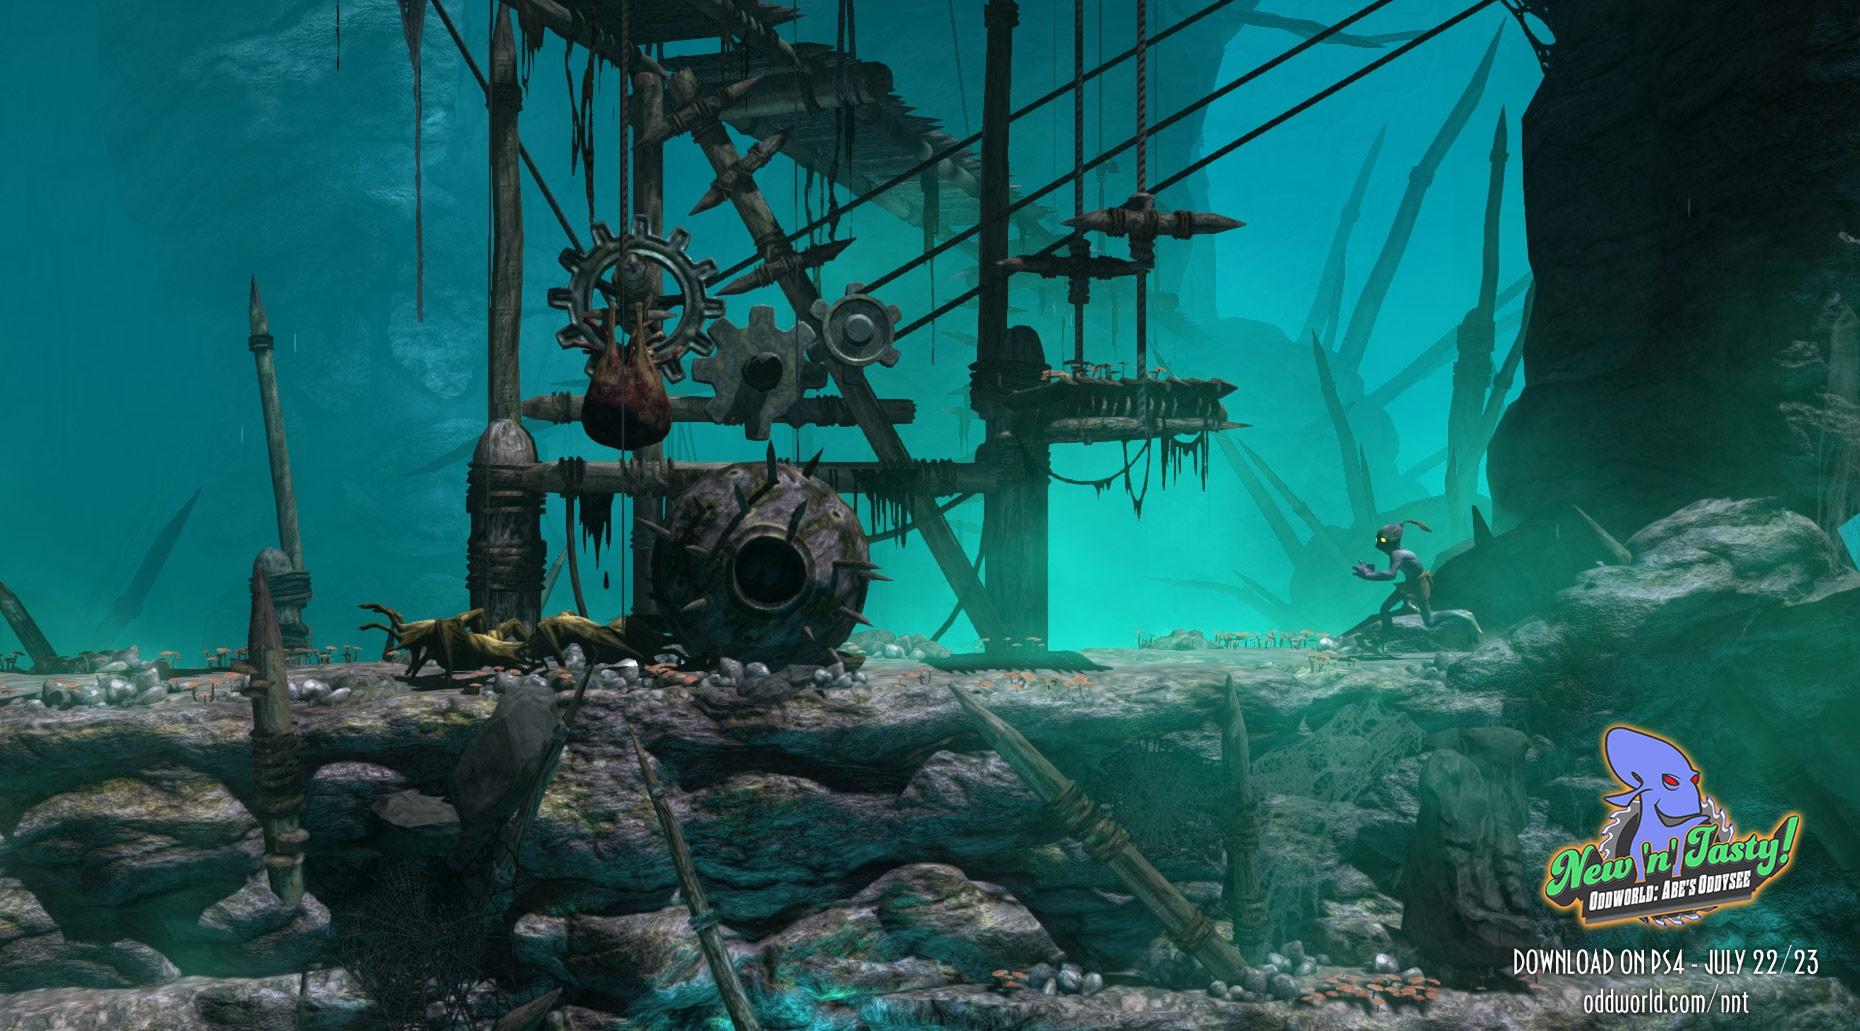 Oddworld New 'n' Tasty Launch 20-07-14 006